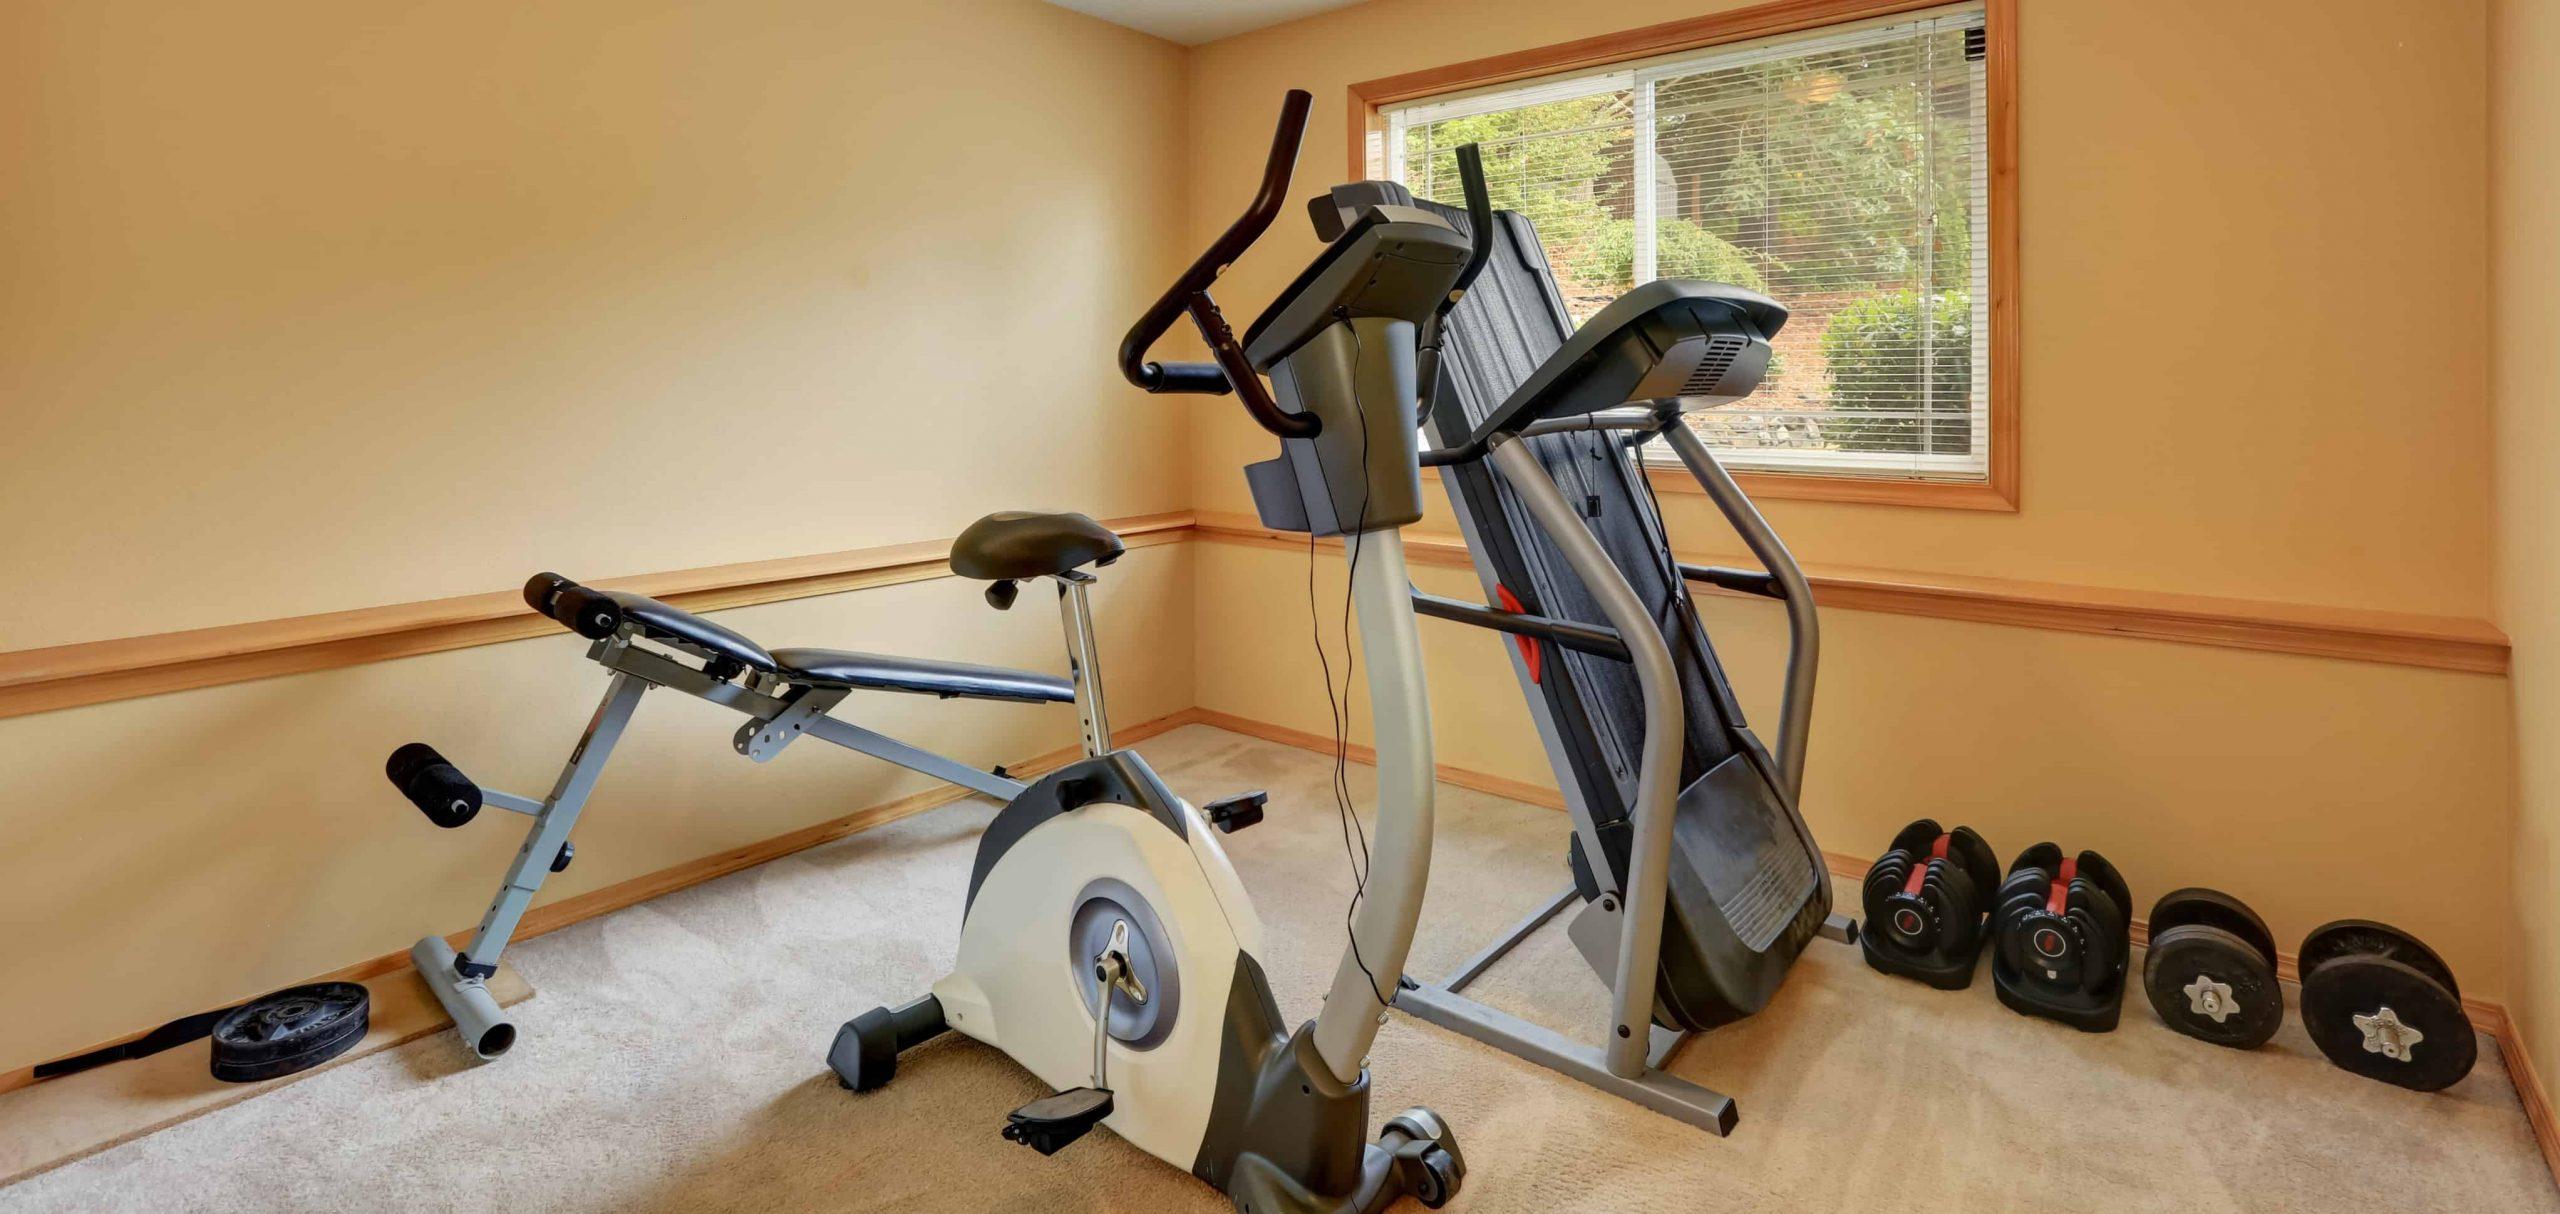 aparatos de gimnasio para principiantes